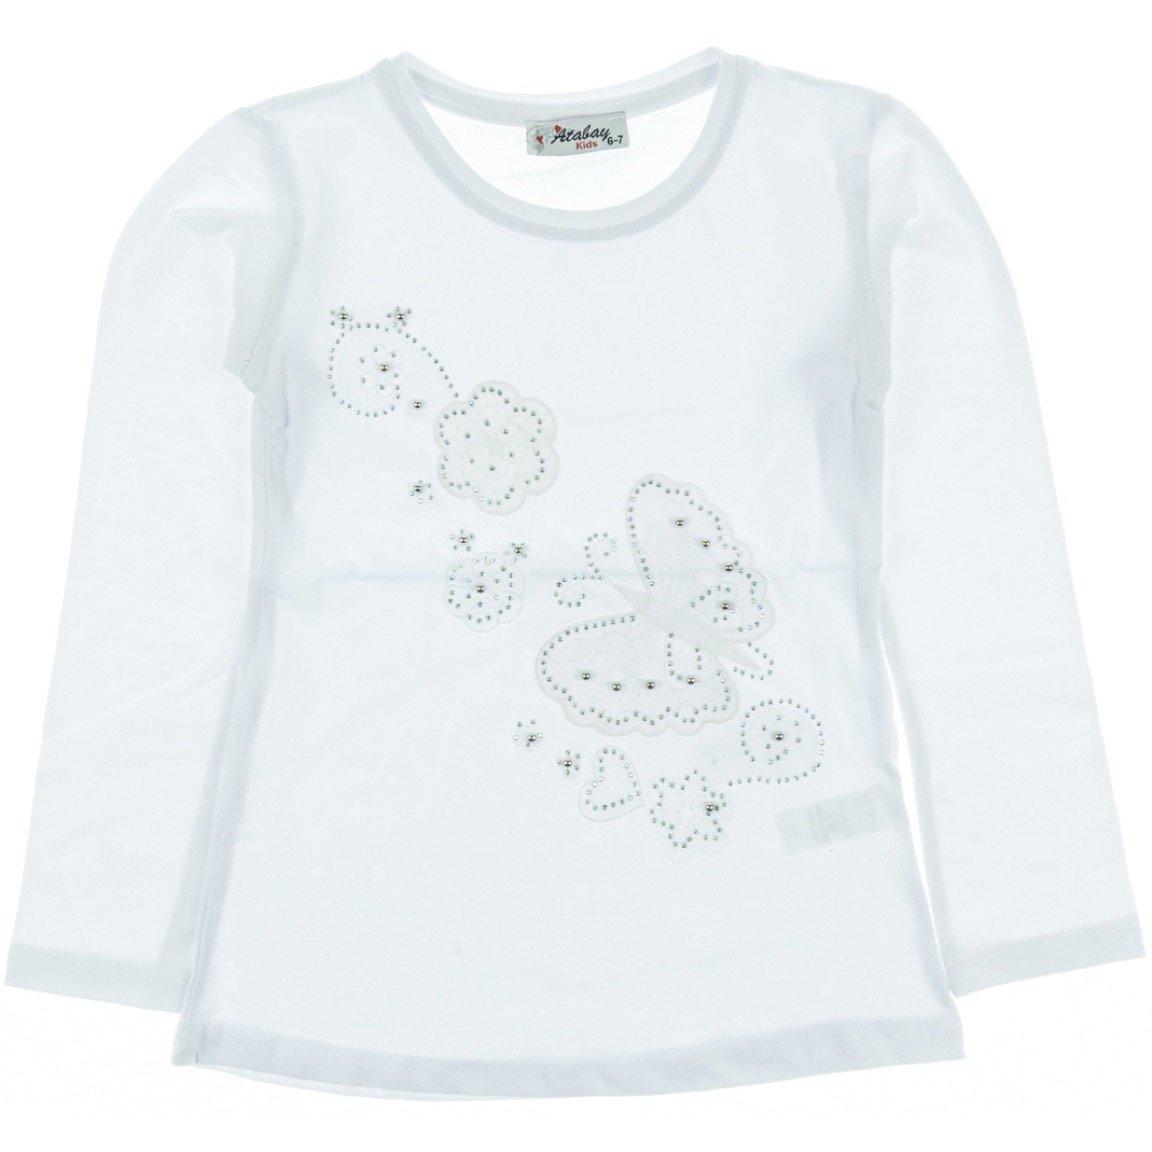 Atabay παιδική εποχιακή μπλούζα «White Sky»